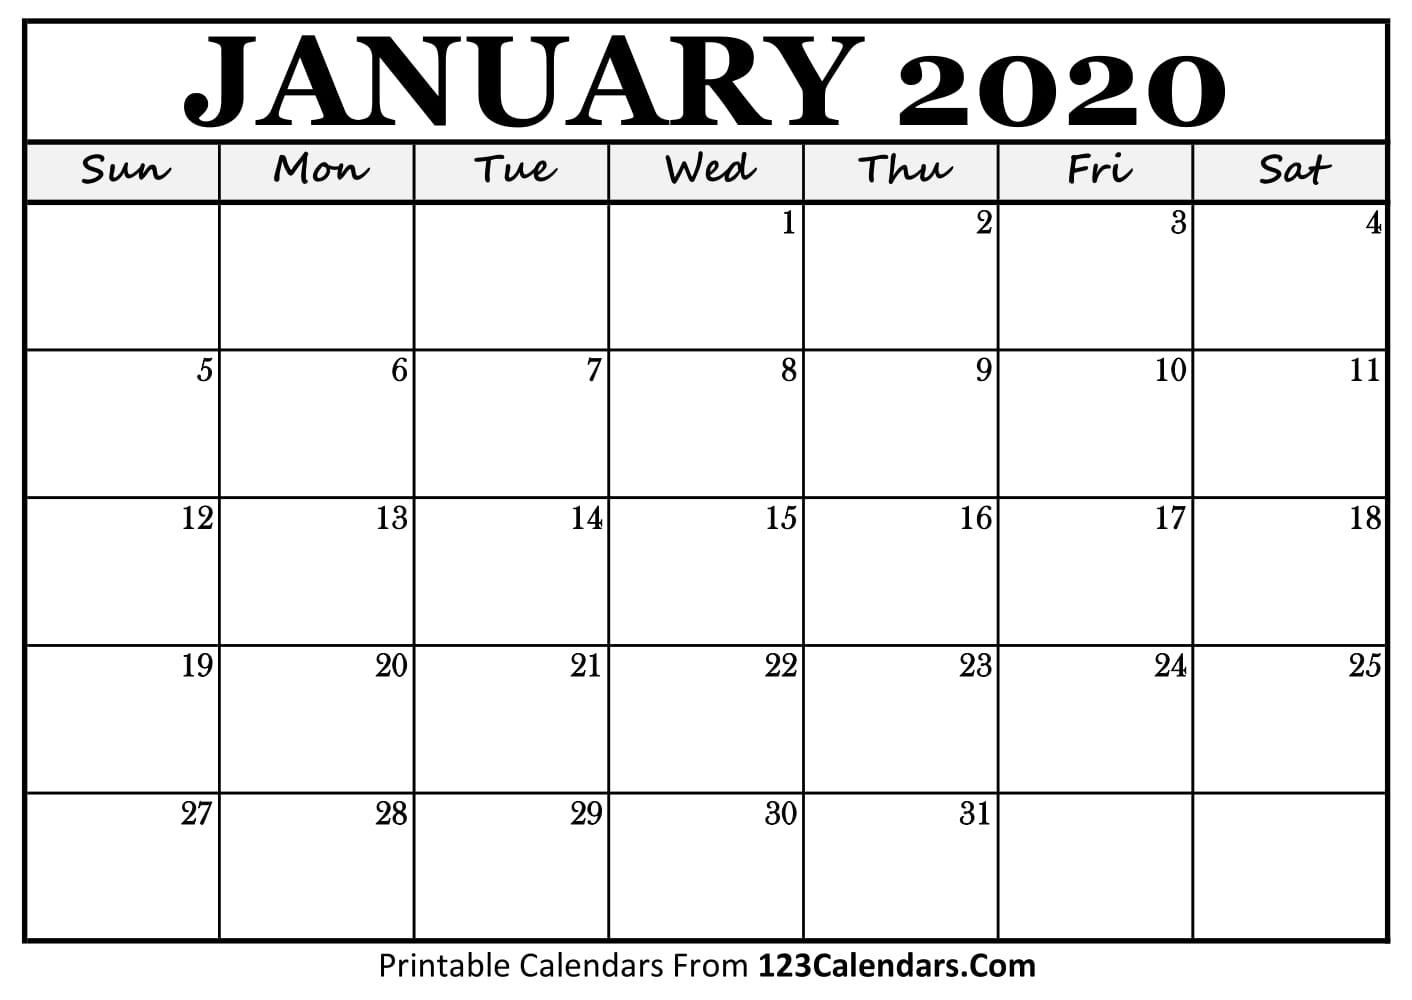 January 2020 Calendar For Kids - Wpa.wpart.co